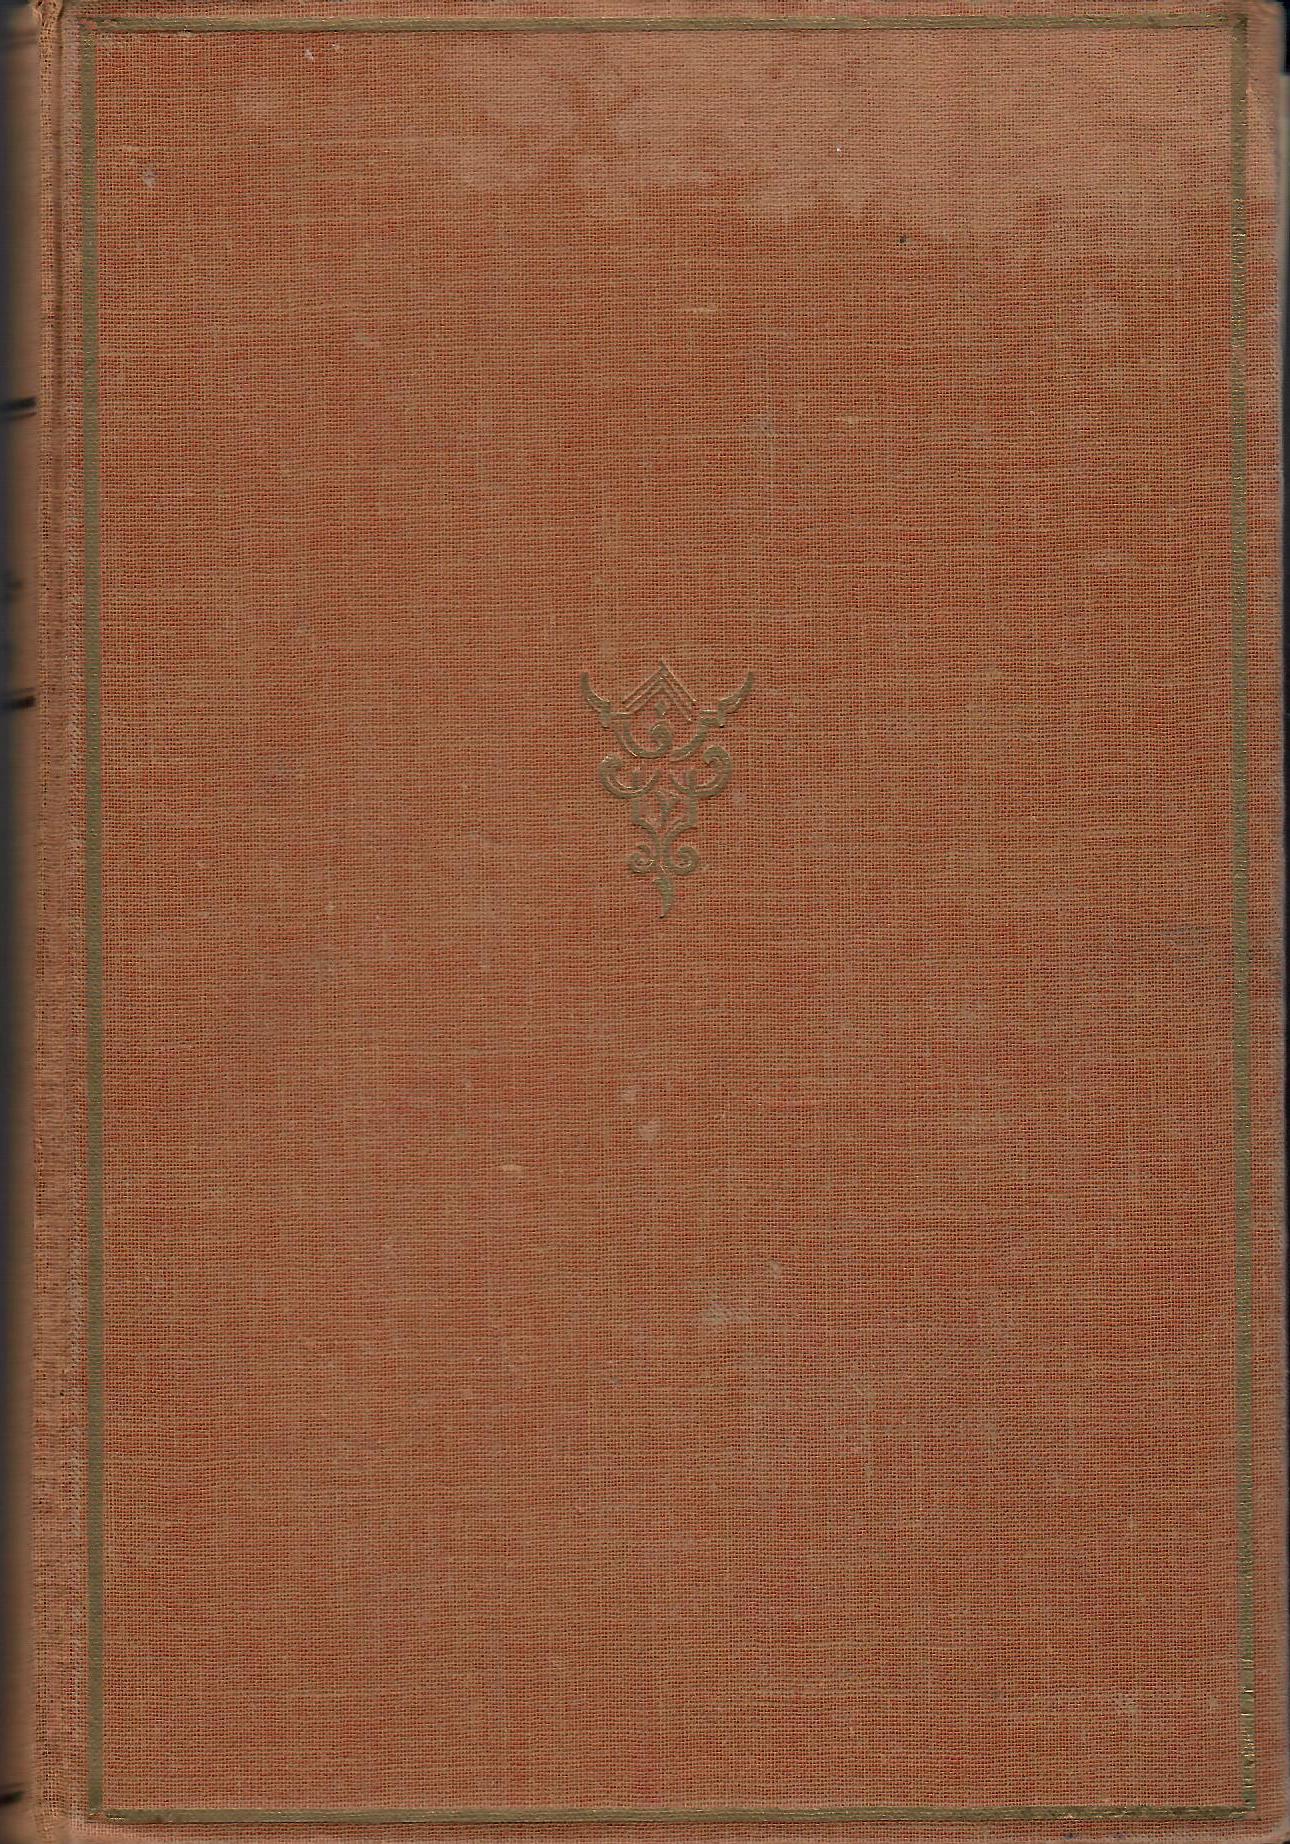 Die Sittlichkeitsverbrechen im Laufe der Jahrhunderte und: Quanter,Rudolf